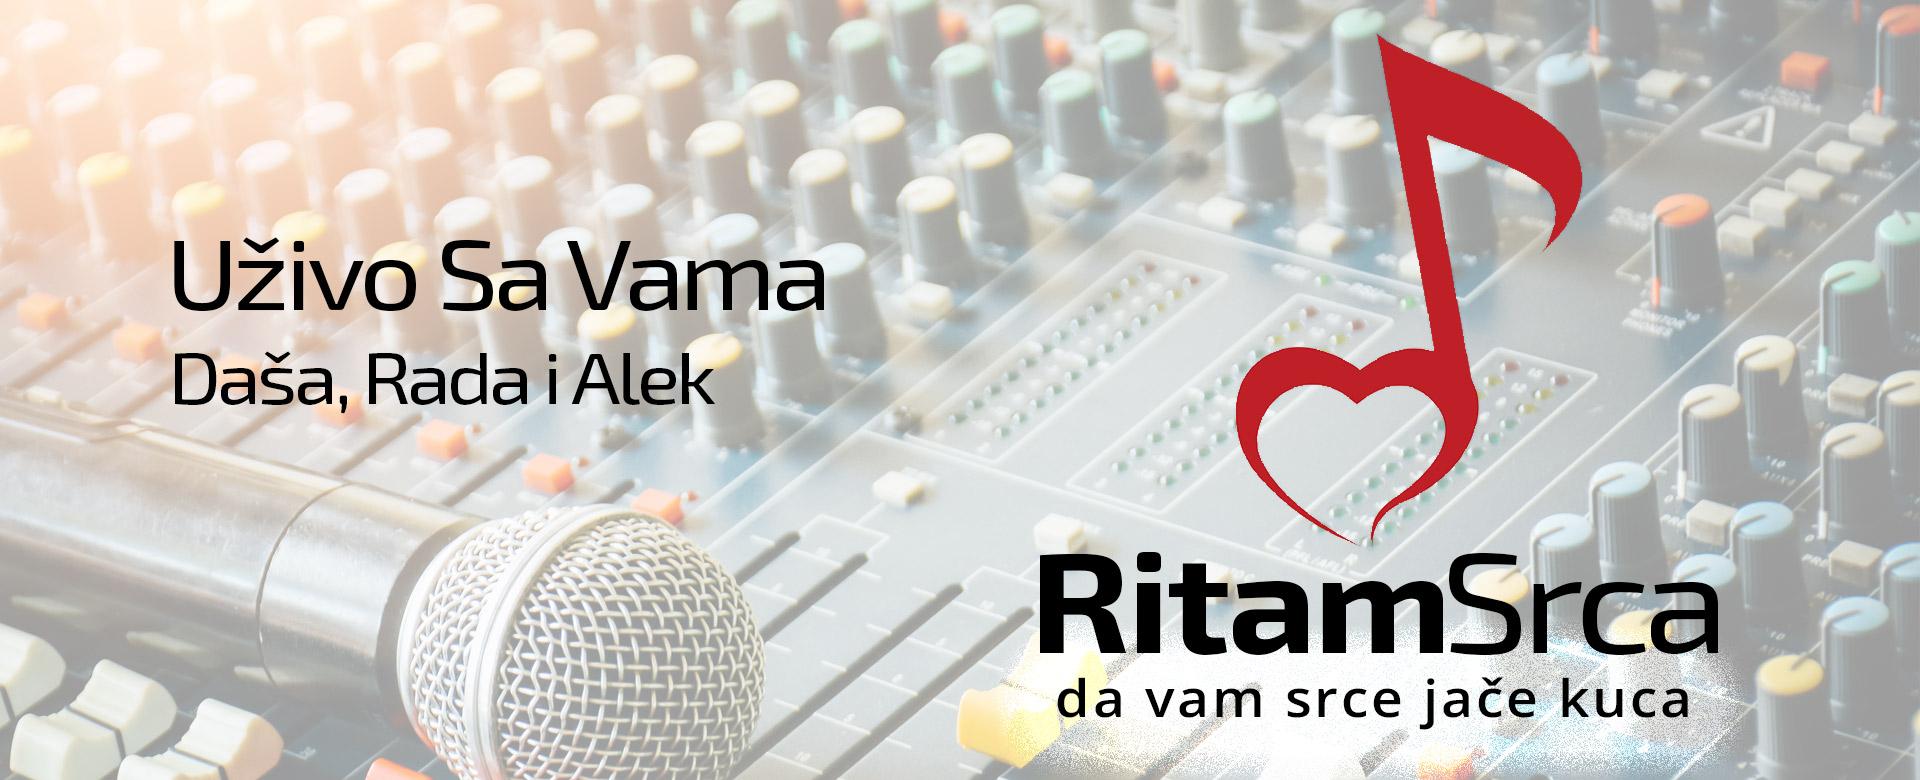 Radio Ritam Srca Program